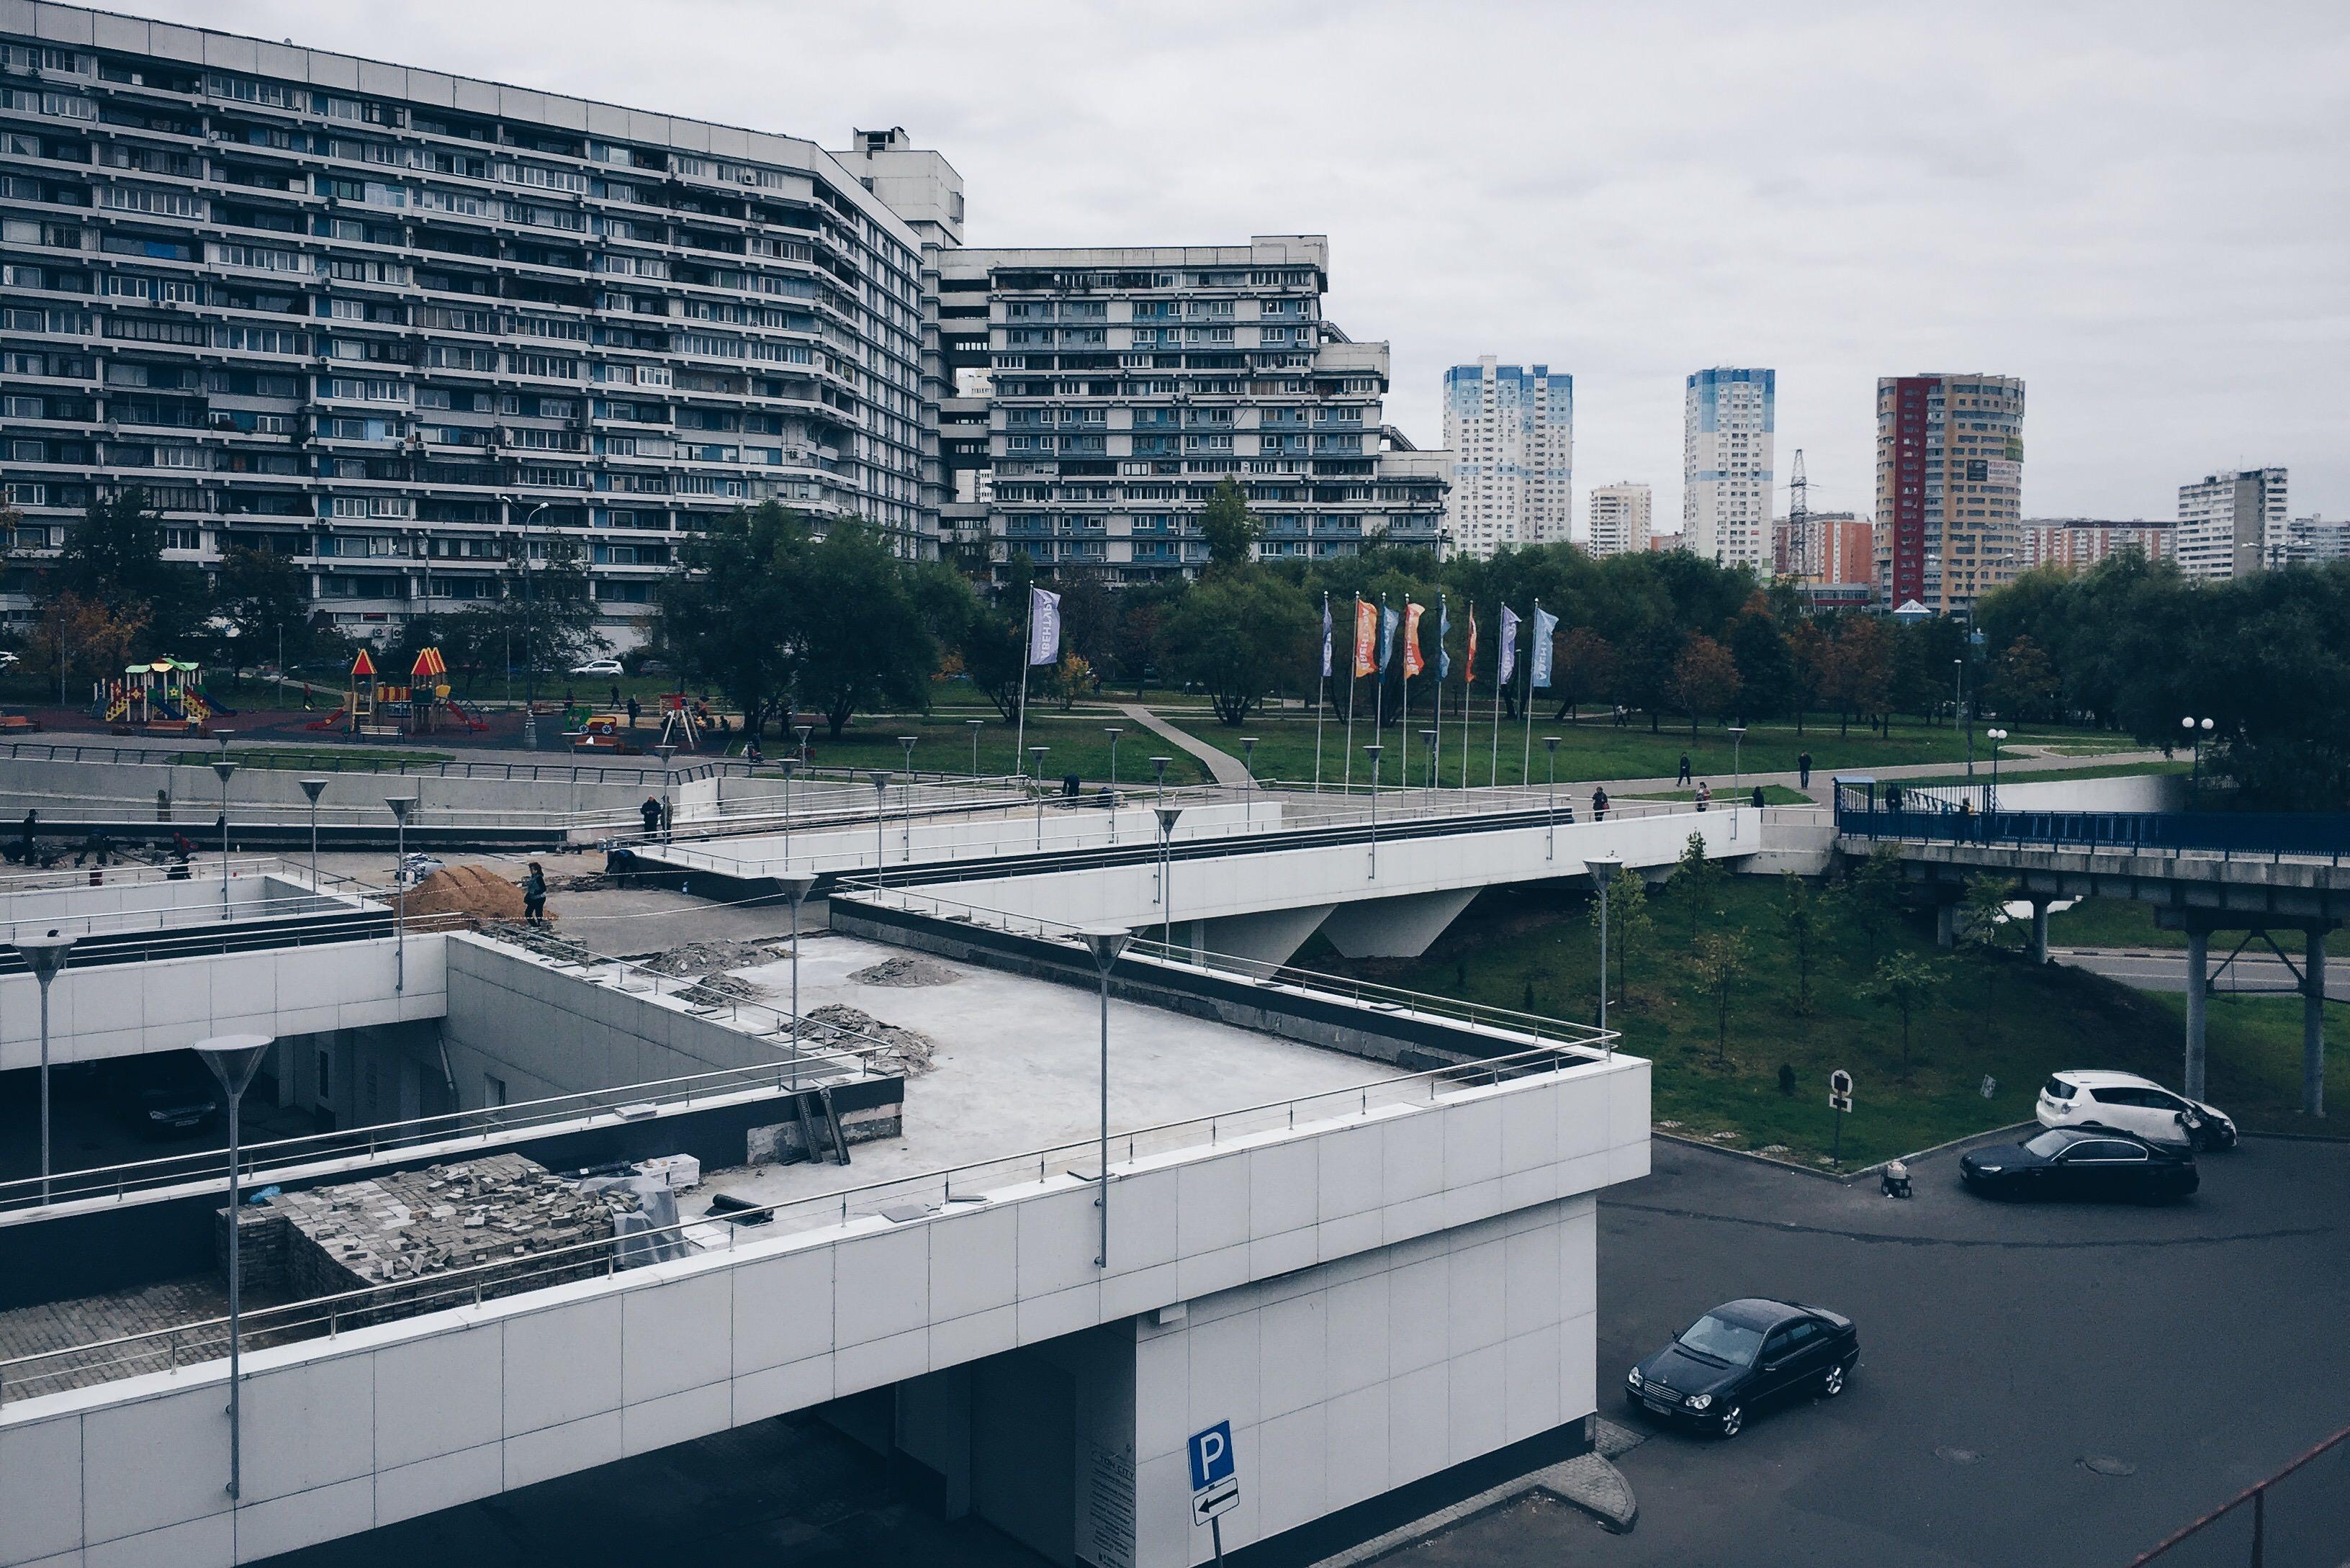 Базы сайтов Чертаново Северное дорвеи на сайты 2-й Стрелецкий проезд